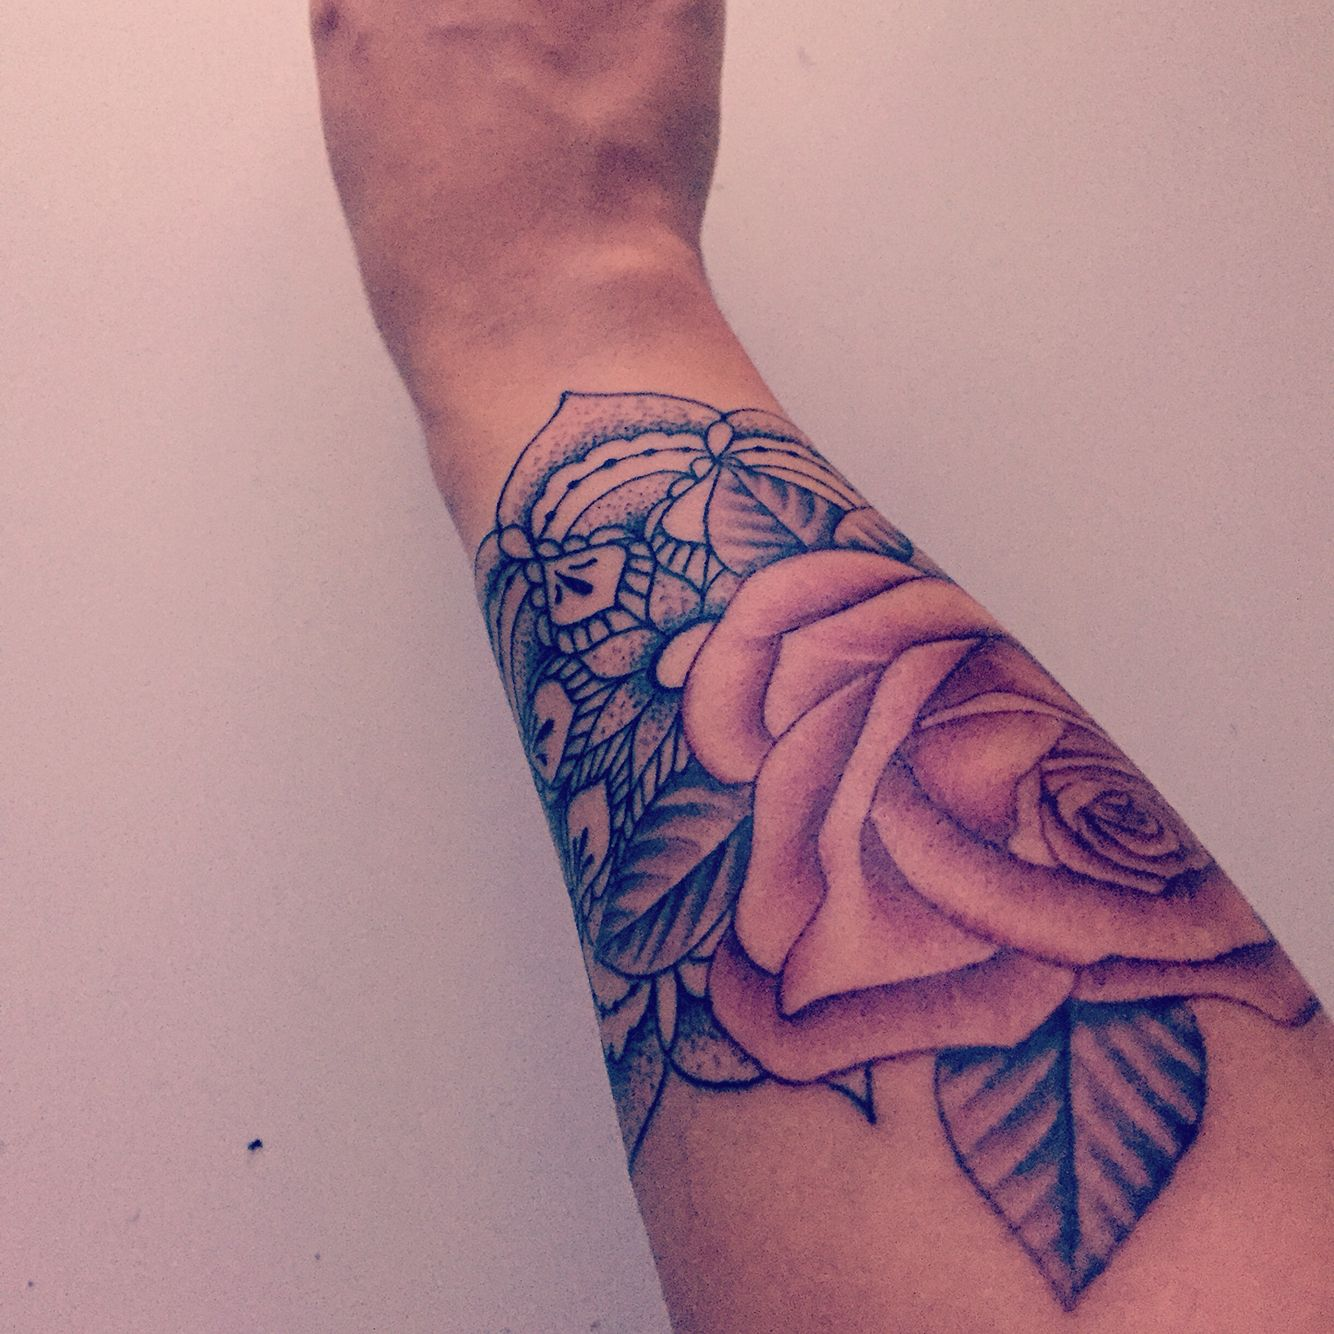 Tatouage Mandala Et Rose Poignet Tattoos That I Love